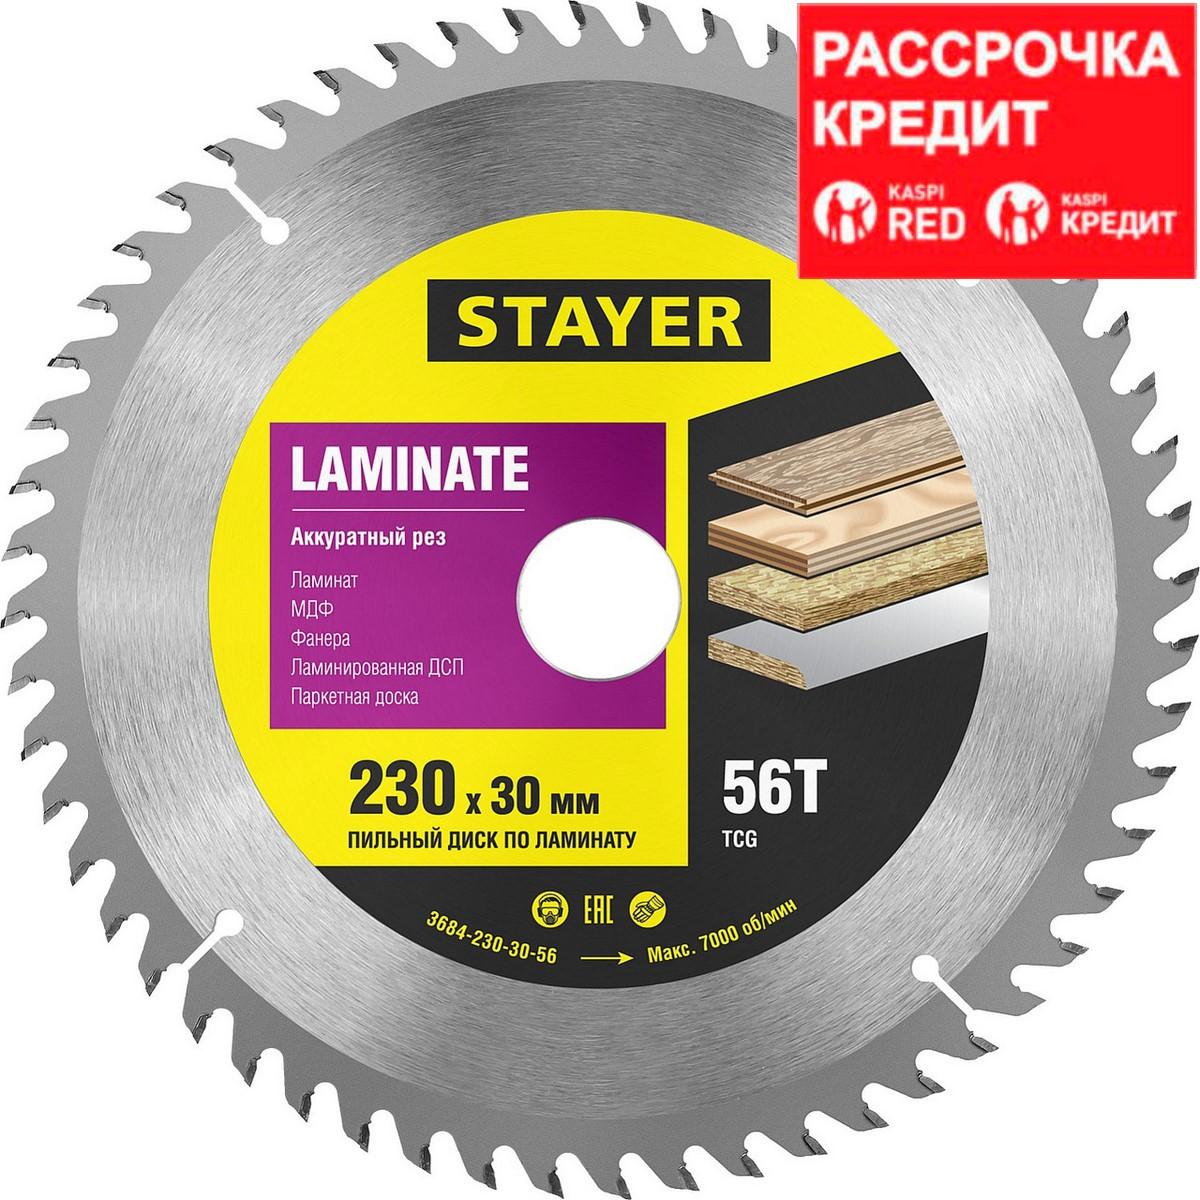 STAYER Laminate 230 x 30мм 56Т, диск пильный по ламинату, аккуратный рез (3684-230-30-56)